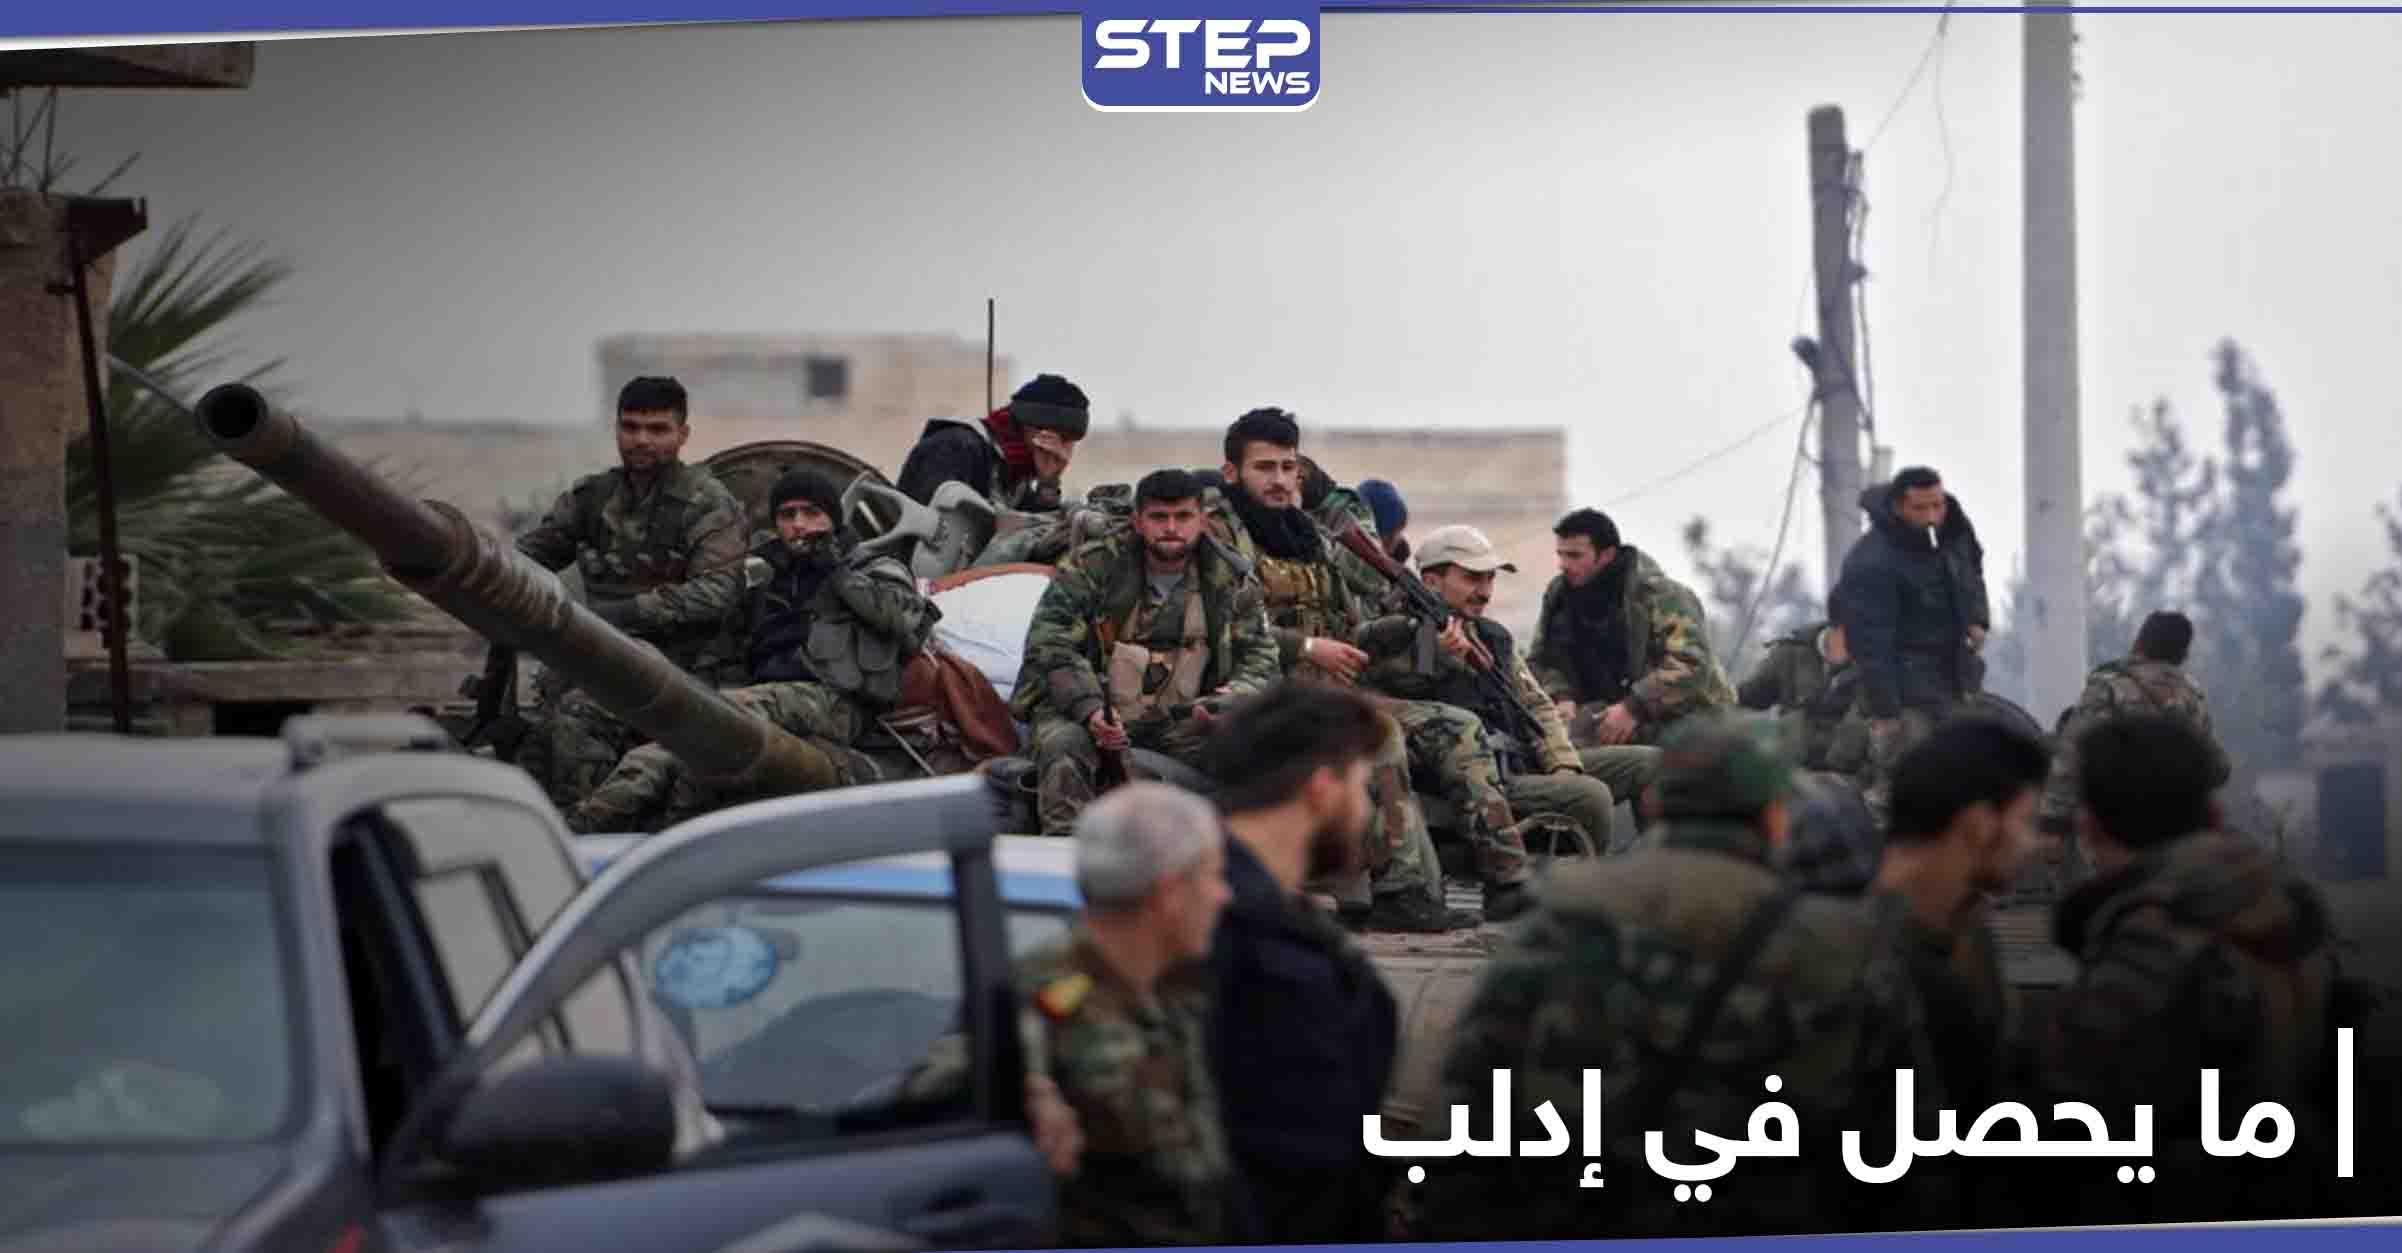 """مقتل مستشار روسي وعدد من مرافقيه وعمليات جديدة لـ """"أنصار التوحيد"""" في إدلب"""